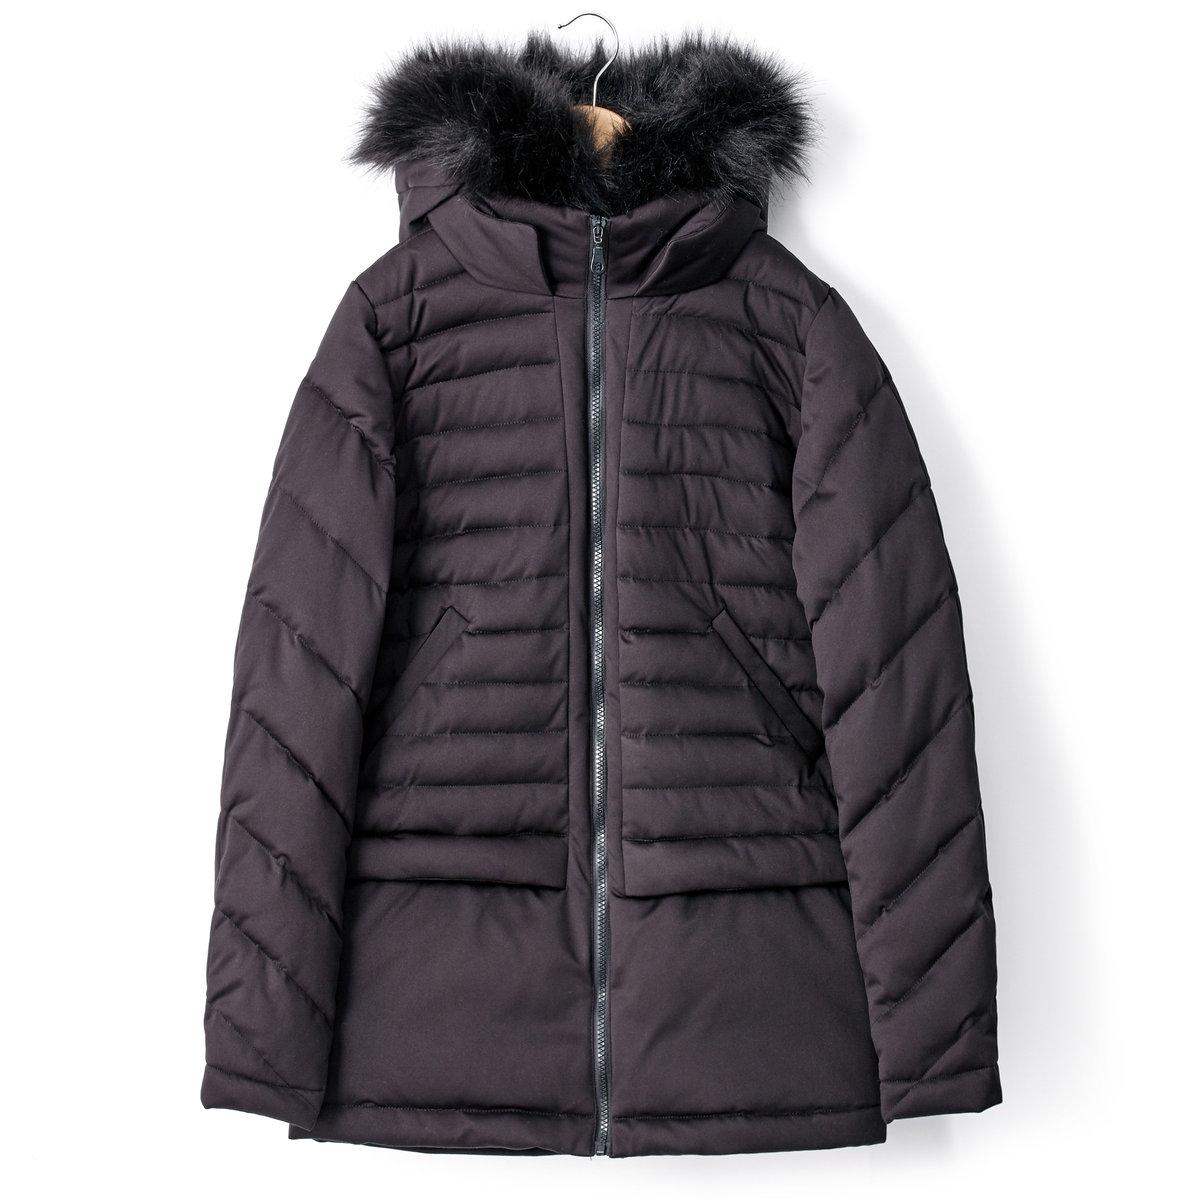 Куртка стеганая с капюшоном и застежкой на молниюСтеганая куртка с капюшоном и застежкой на молнию. 2 кармана по бокам. Отделка капюшона искусственным мехом. 100% полиэстера. Длина 70 см.<br><br>Цвет: черный<br>Размер: 38 (FR) - 44 (RUS).40 (FR) - 46 (RUS)